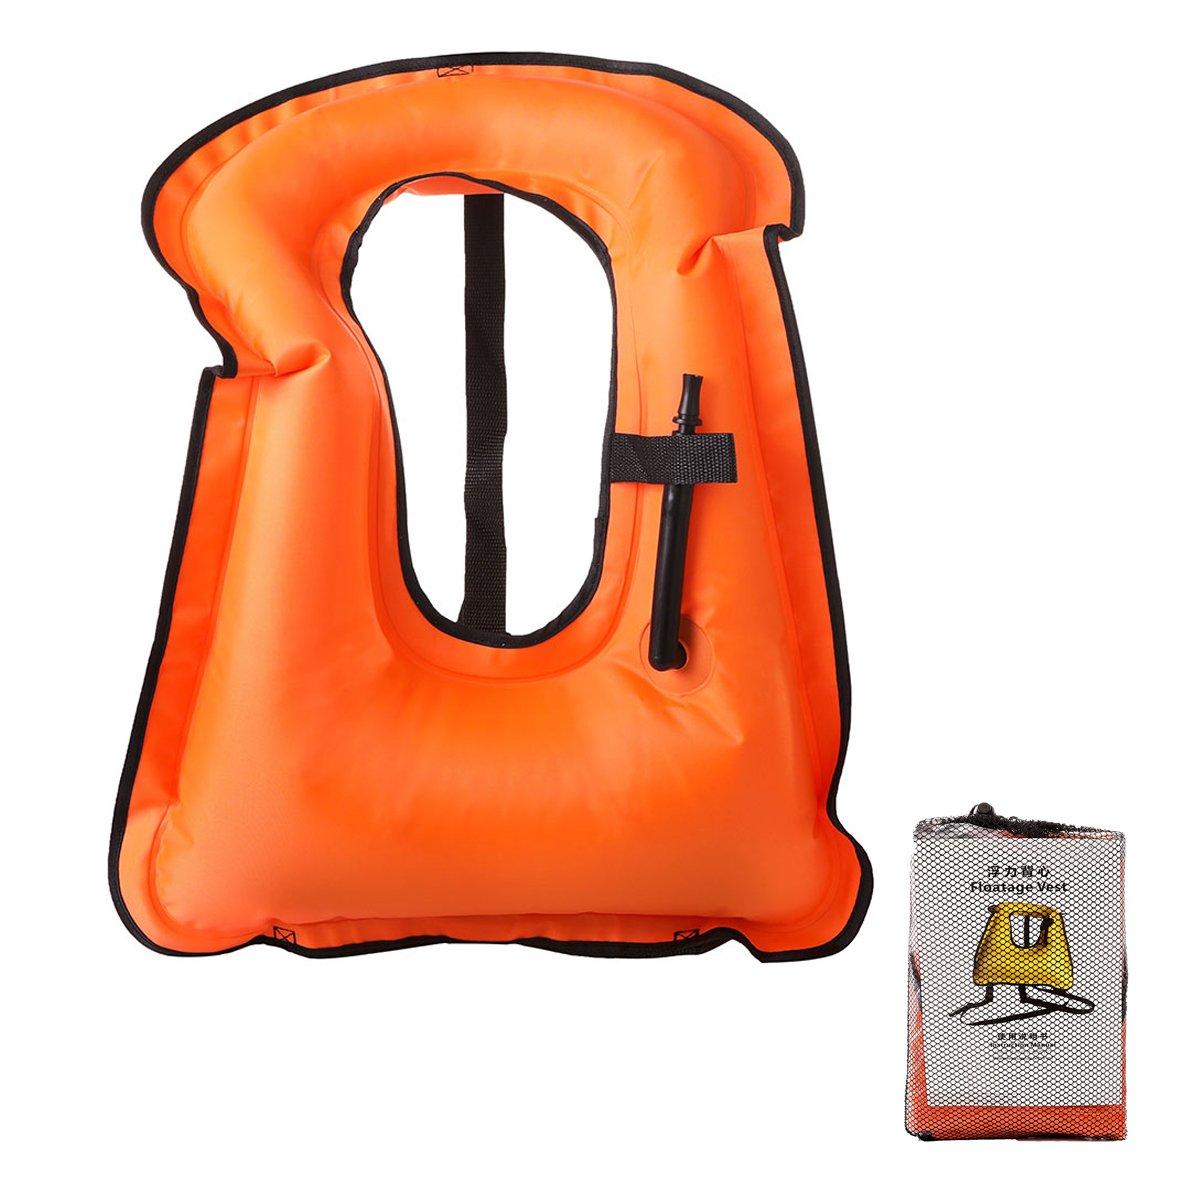 高級品市場 elejolieインフレータブルSnorkel Jacket for 80 Adult、ダイビング安全ライフジャケット浮力ベストポータブルFree Diving安全ジャケット – Suitable Suitable 99.79 for 80 – 99.79 オレンジ B07BHDJDRN, ザッカズ生活雑貨がいつでも特価:58e97c41 --- a0267596.xsph.ru